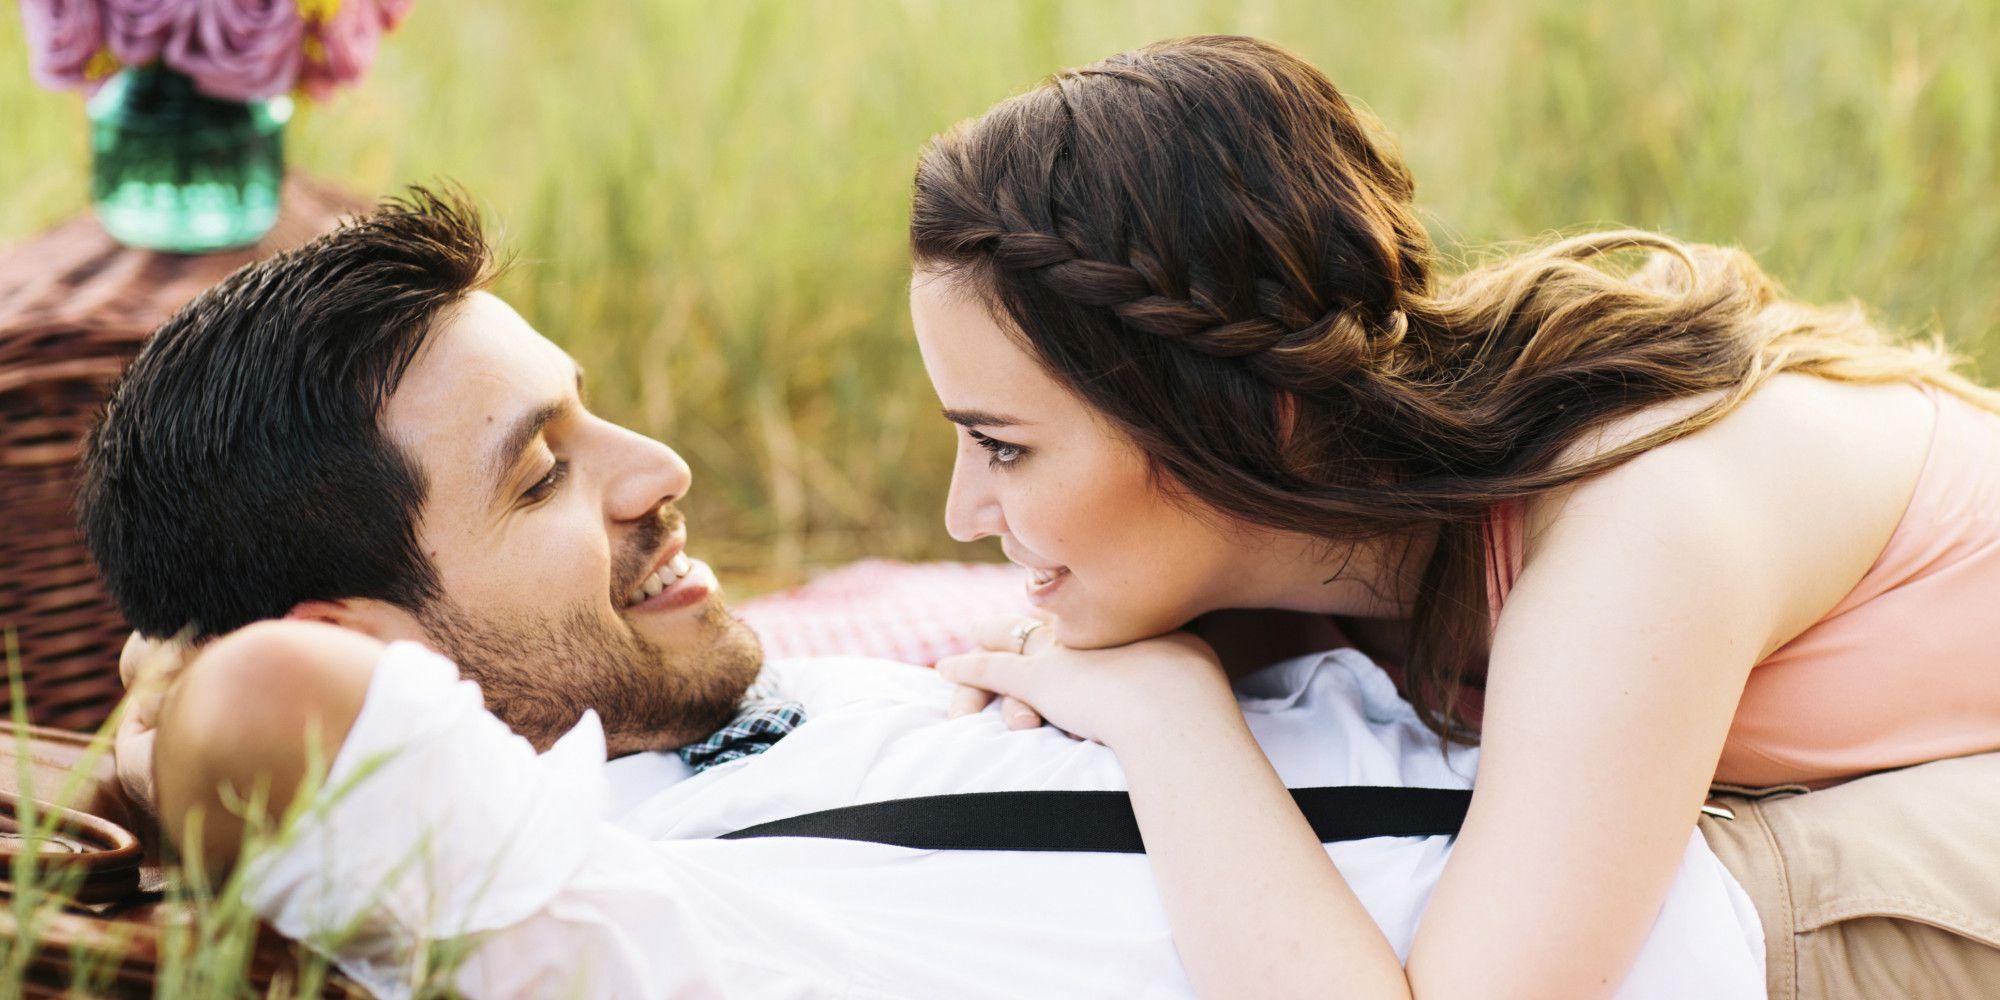 بالصور صور حب رومانسية جديدة , اجمل واحلى صور حب رومانسية جديدة 11786 8